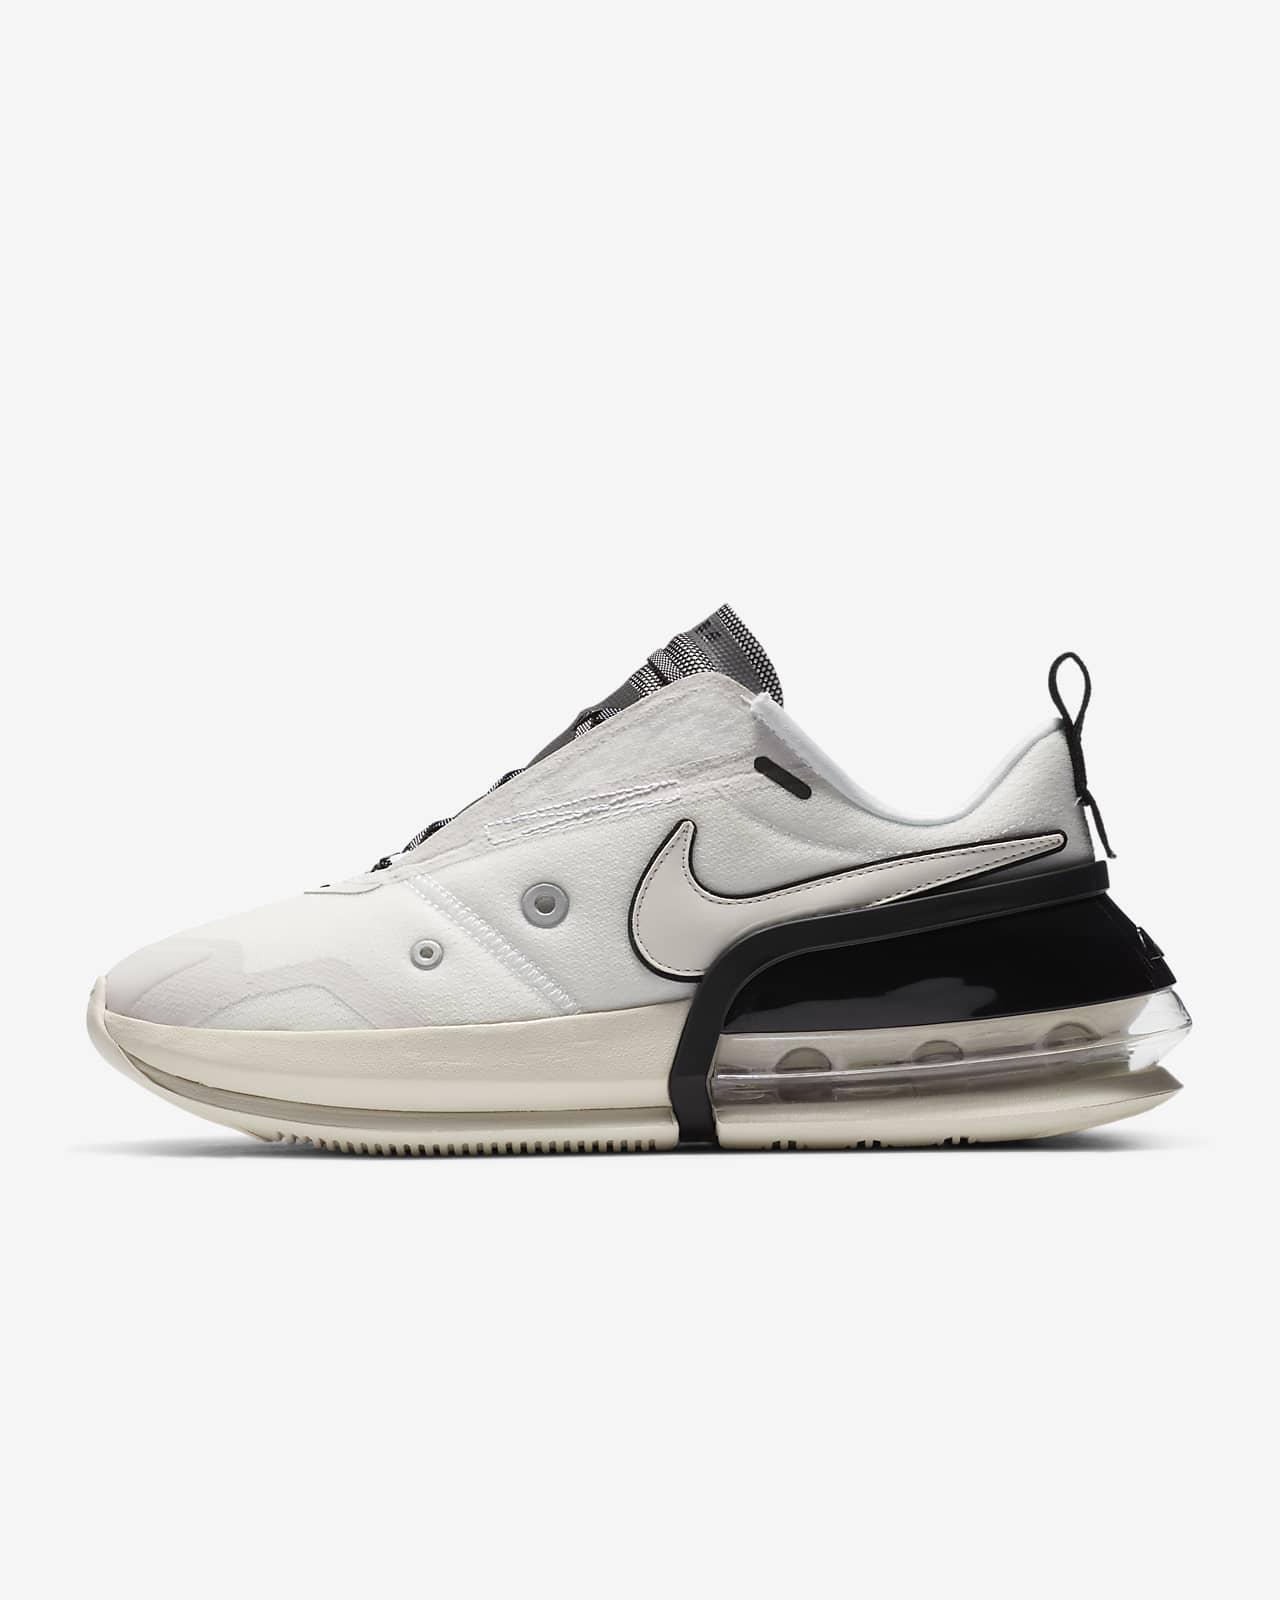 6.5 poison green nike air max premium shoes